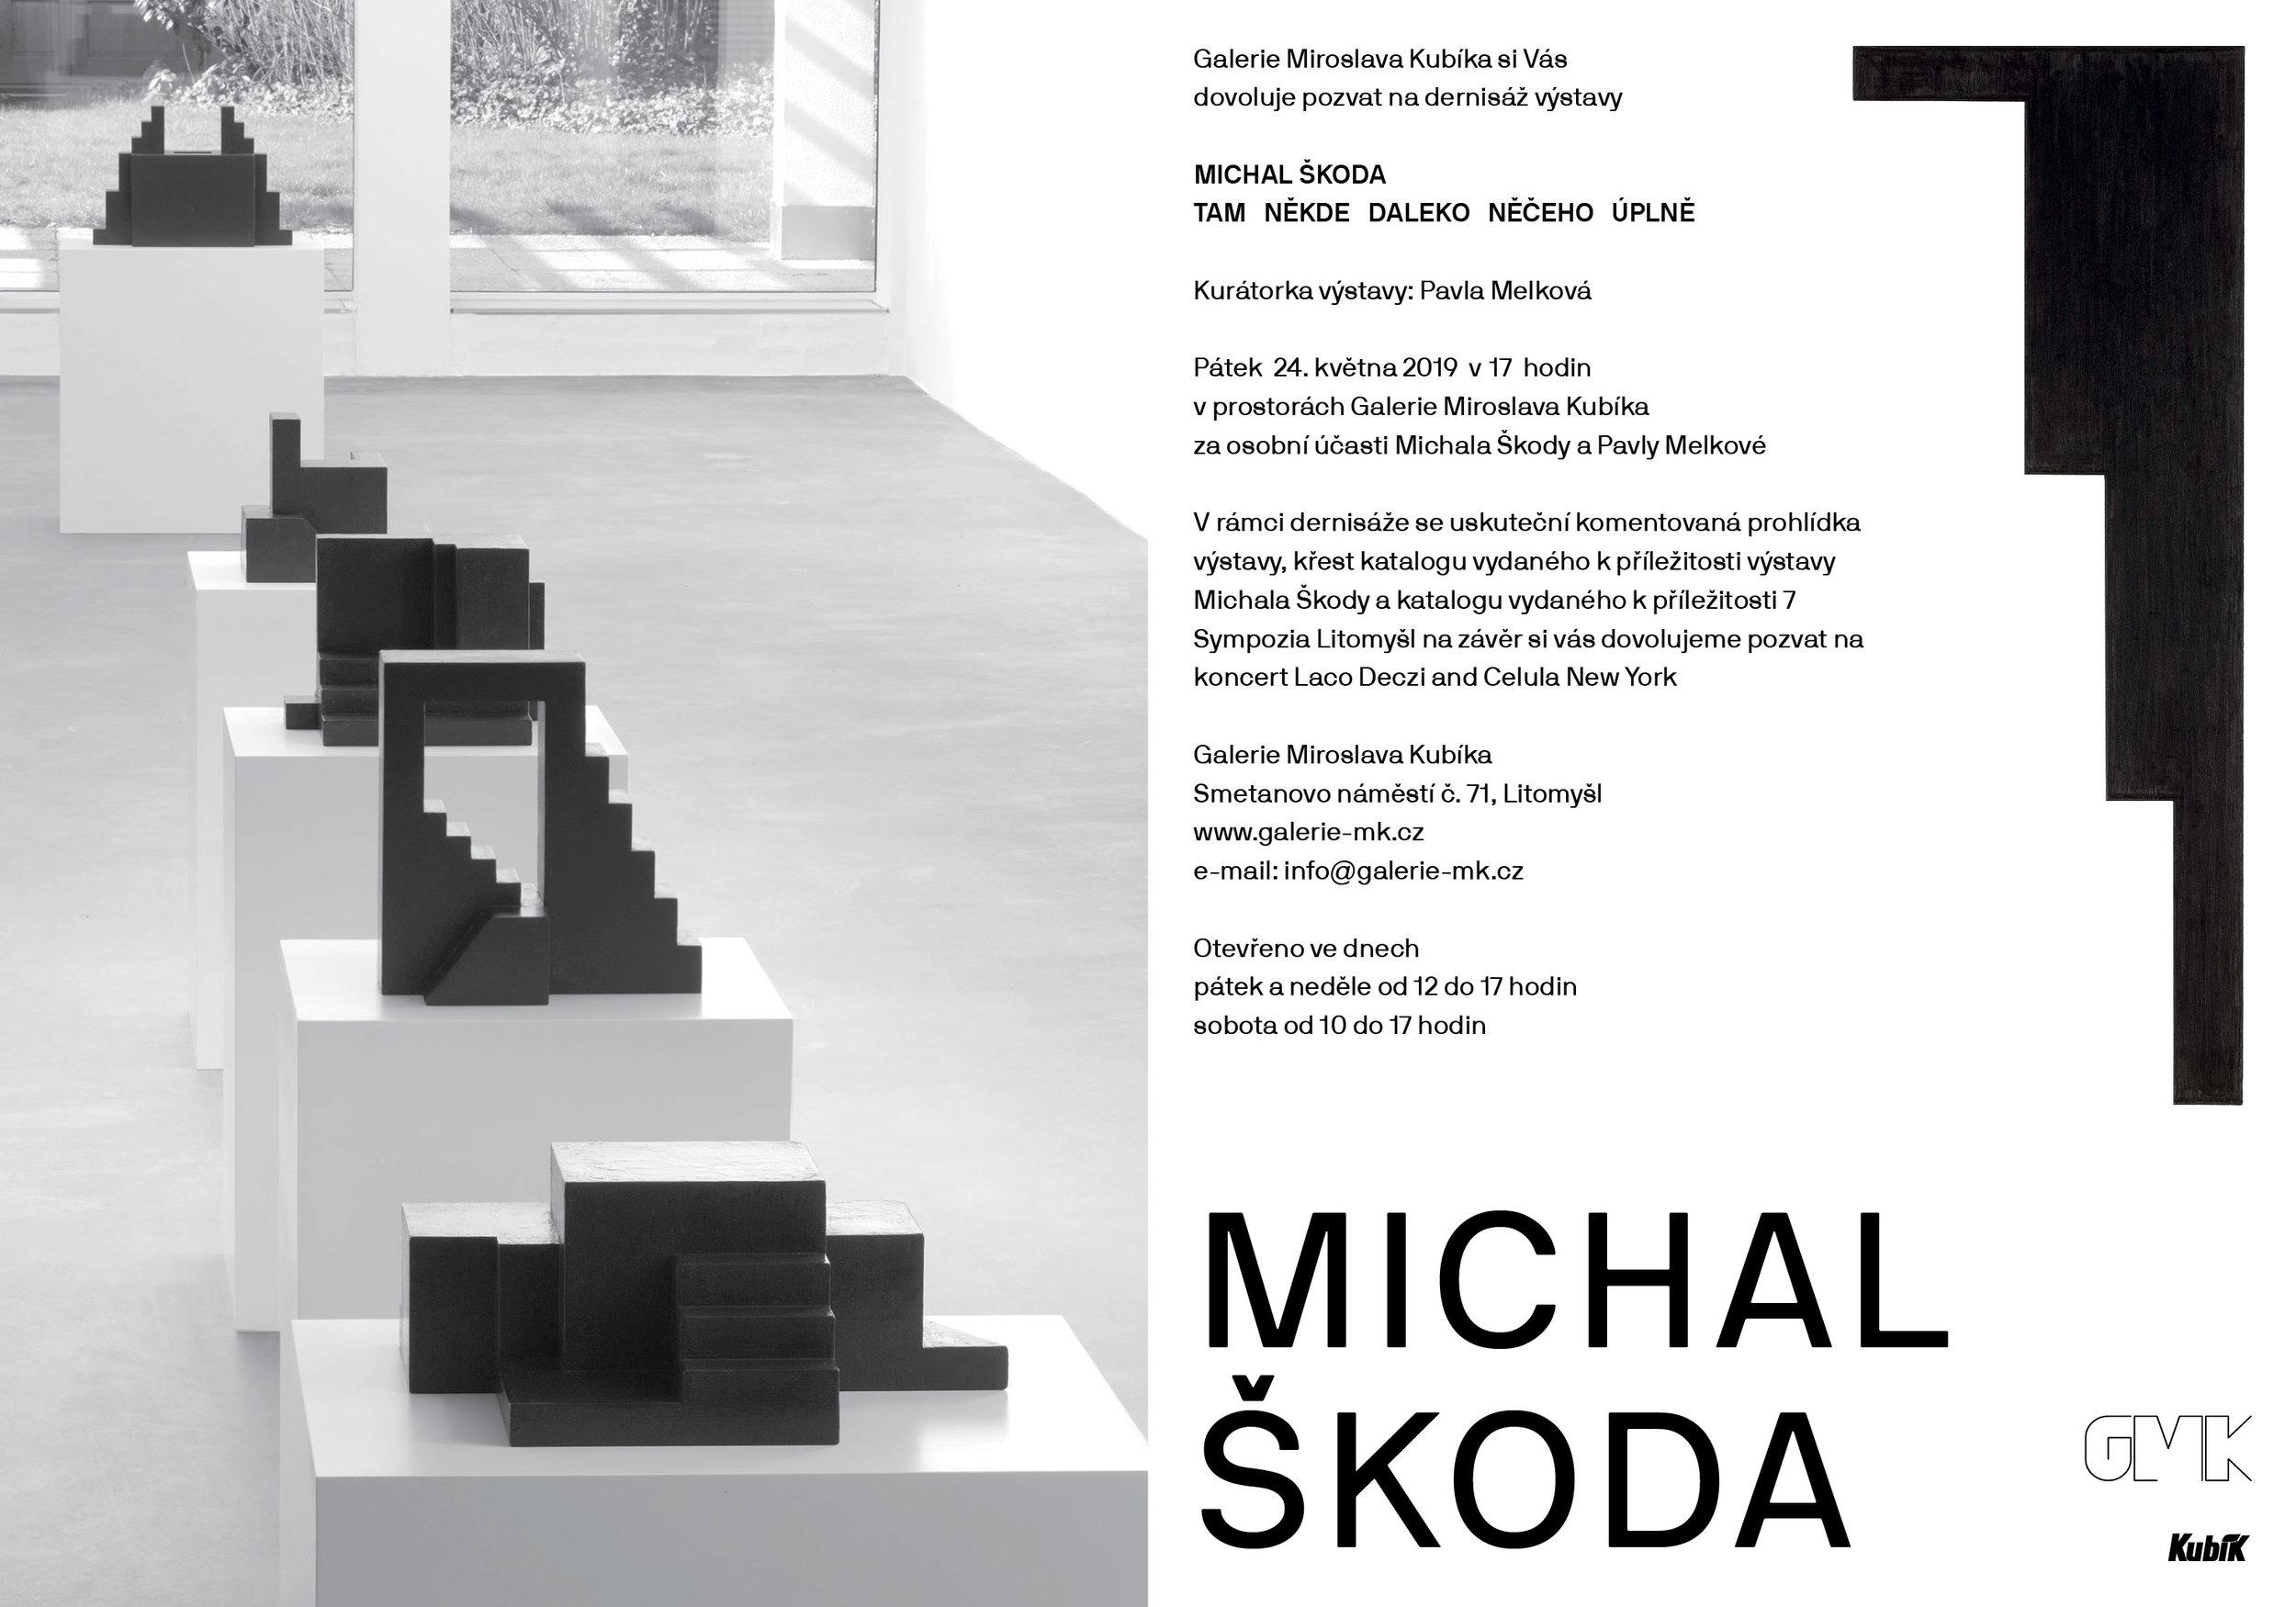 Galerie Miroslava Kubíka si vás dovoluje pozvat na dernisáž jarní výstavy Michala Škody, který se během svých uměleckých aktivit postupně věnuje sochařství, malbě, instalacím a v poslední době především kresbě, fotografii a autorským knihám, jež sám považuje za nejdůležitější část své tvorby. Výraznou součástí jeho práce jsou příležitostně se vynořující místně specifické intervence. Má za sebou nespočet výstav doma i v zahraničí a jeho díla jsou zastoupena v řadě tuzemských a zahraničních sbírek. Vedle své autorské tvorby Michal Škoda působí od roku 1998 jako hlavní kurátor Galerie současného umění a architektury - Domu umění města České Budějovice, která se za dobu jeho působení stala prestižní institucí s výrazným mezinárodním přesahem.  V prostoru okolo nás obvykle vnímáme hmoty a nikoliv prázdno mezi nimi. Soustřeďujeme se na objekty a nikoliv na vztahy, které vzájemně vytvářejí. Zaznamenáváme průběh cest, jejich tvar, počátek, cíl a nikoliv jejich směřování. Možná ale, že to podstatné se někdy skrývá mezi objekty - ve zdánlivě prázdném meziprostoru, v charakteru samotných vztahů, v neviditelných směrech cest.  Instalace Michala Škody vytvářejí v galerii vlastní společný prostor, vymezovaný milníky jednotlivých objektů. Kresby a sochy jsou jádry uspořádání prostoru, ohnisky koncentrace vztahů, místy křížení a odvíjení směrů.  Prostorové objekty a plošné kresby v sobě - jako černé meteority - zhušťují nekonečno, vrací do sebe samotných počátky, konce, směry. Prázdno mlžných kreseb je plné prosakujících vztahů, které kulminují ve zčernalých stopách křížení. Fragmenty cest v liniových kresbách nezaznamenávají jejich začátek ani cíl, tvar ani průběh - jen naznačují směřování.  Nacházíme se uvnitř vztahů. Jsme jejich součástí. Mysl se stává prostorem, prostor myslí. (Pavla Melková)  Kurátor a koncepce výstavy: Pavla Melková, Michal Škoda   FLASH ART | Michal Škoda – Temná hmota v Litomyšli